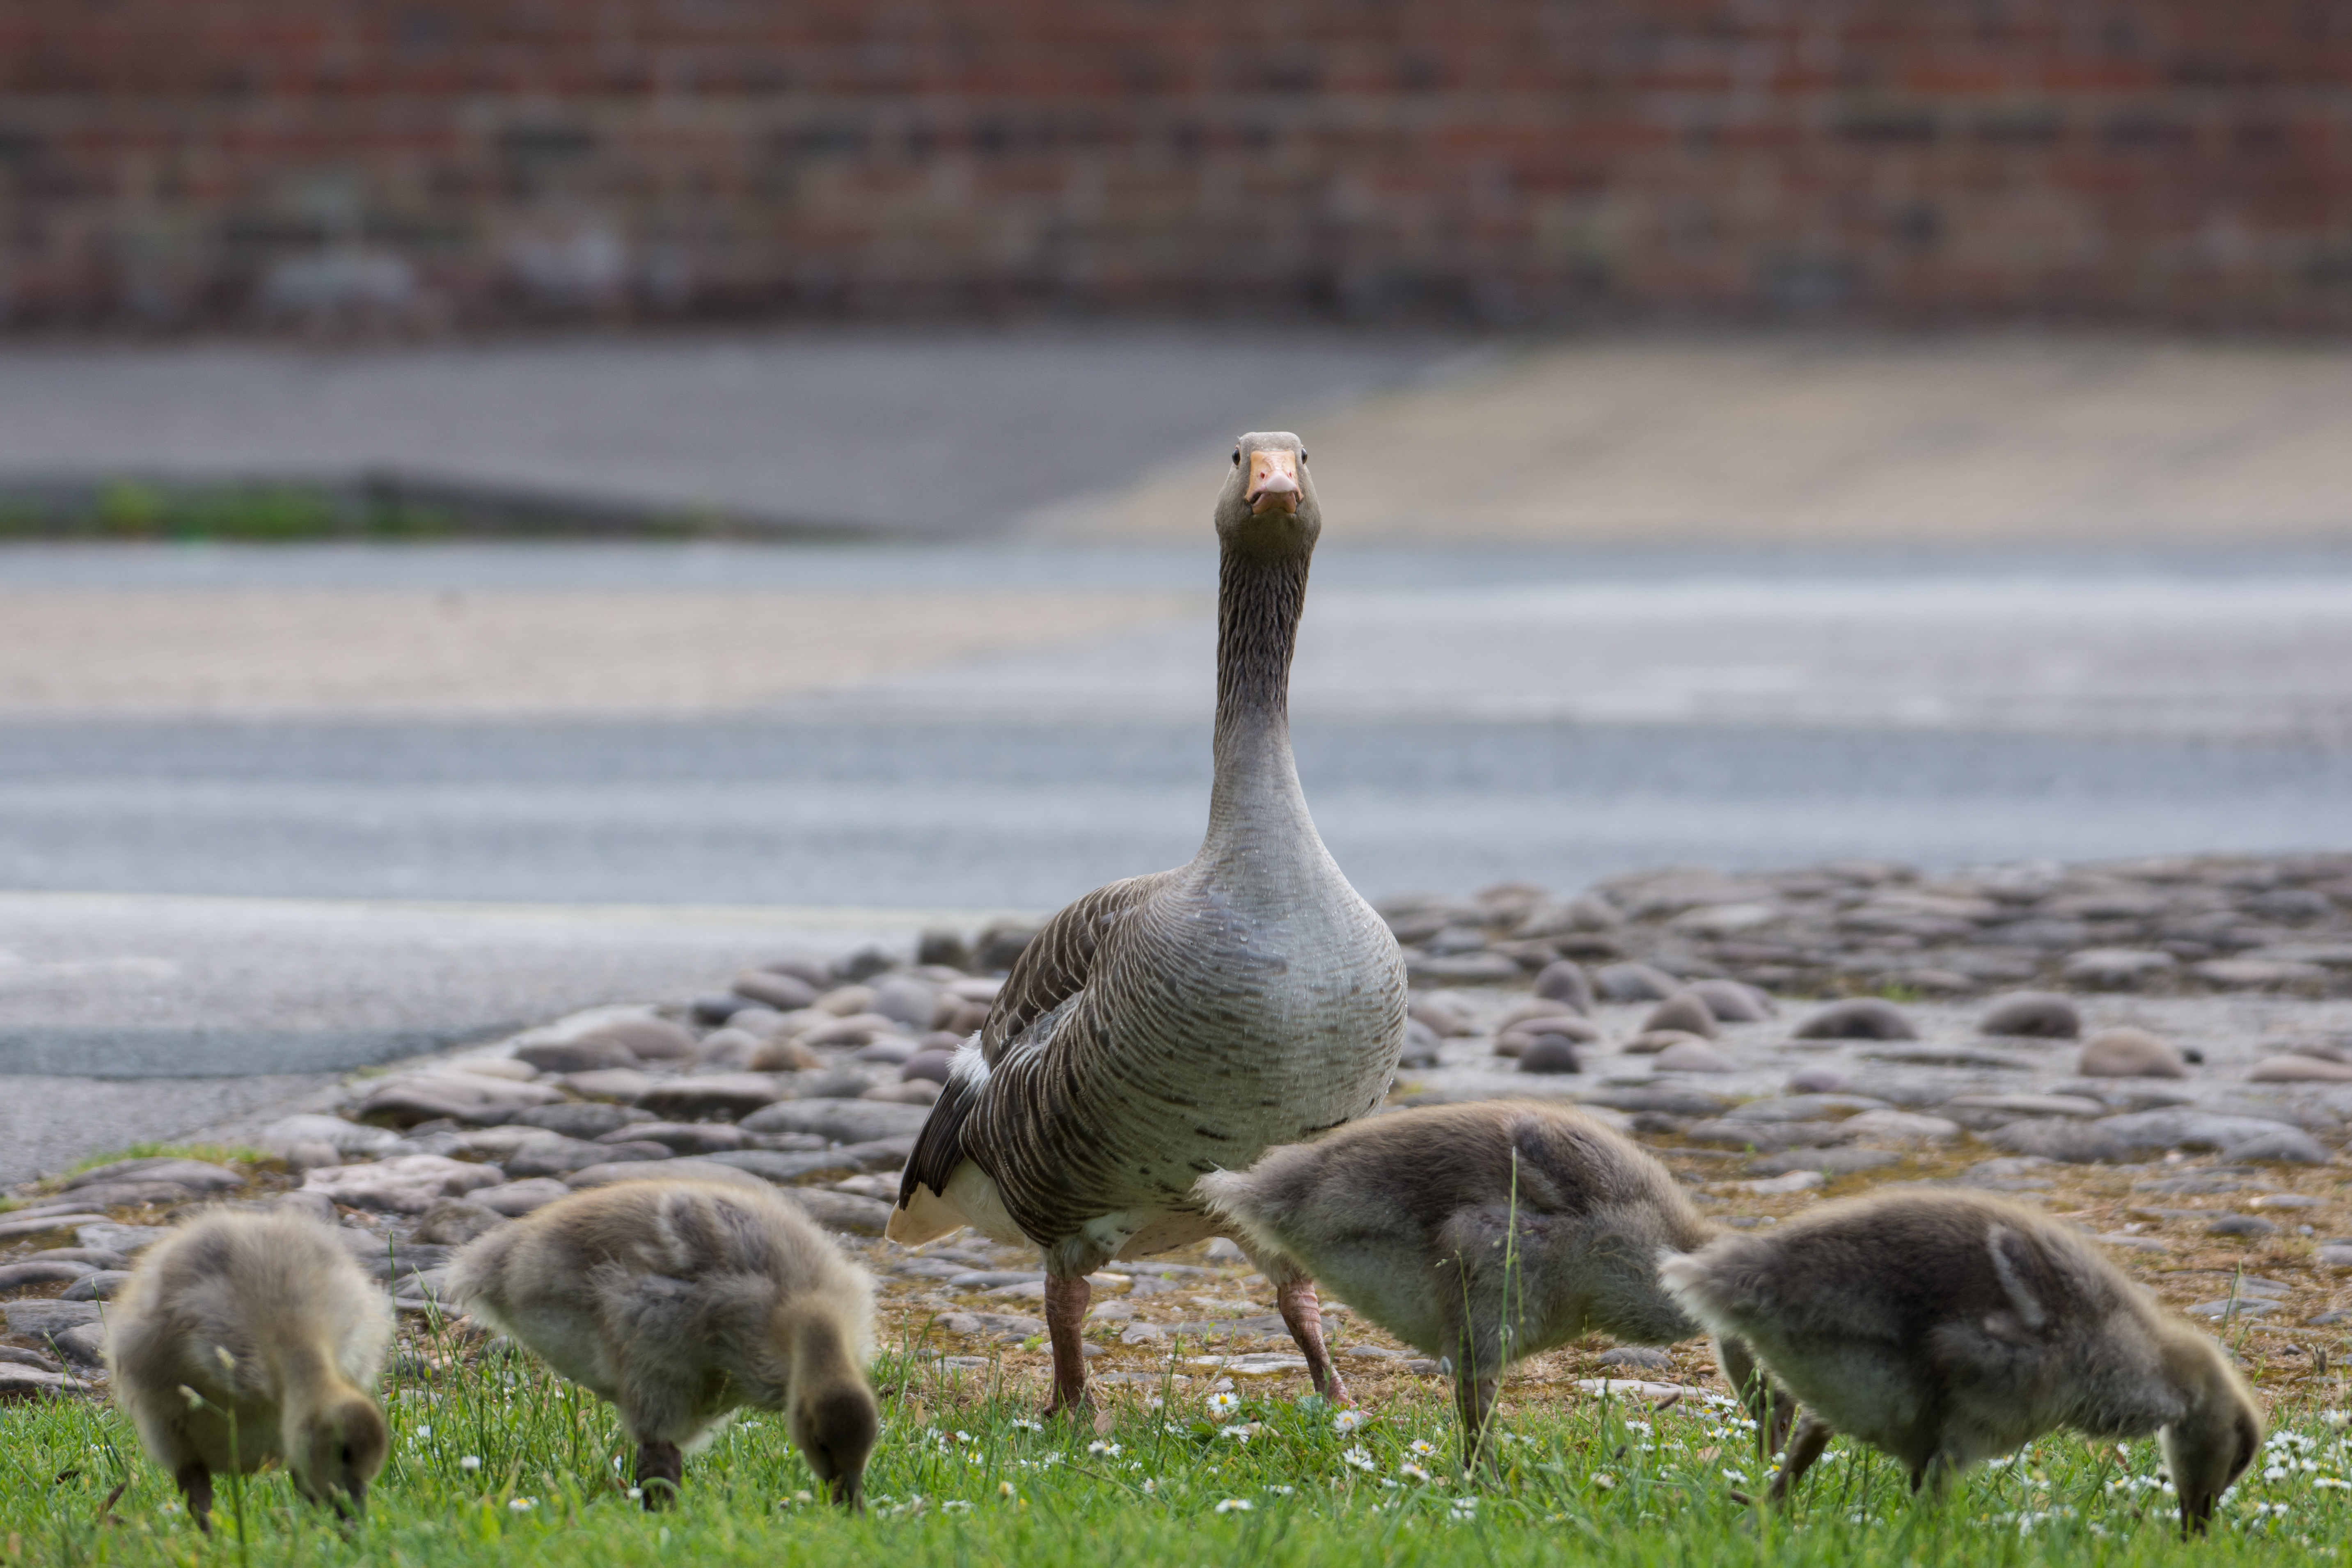 DAVID_JEFFERY York, Geese and Goslings 03.06.18 0003